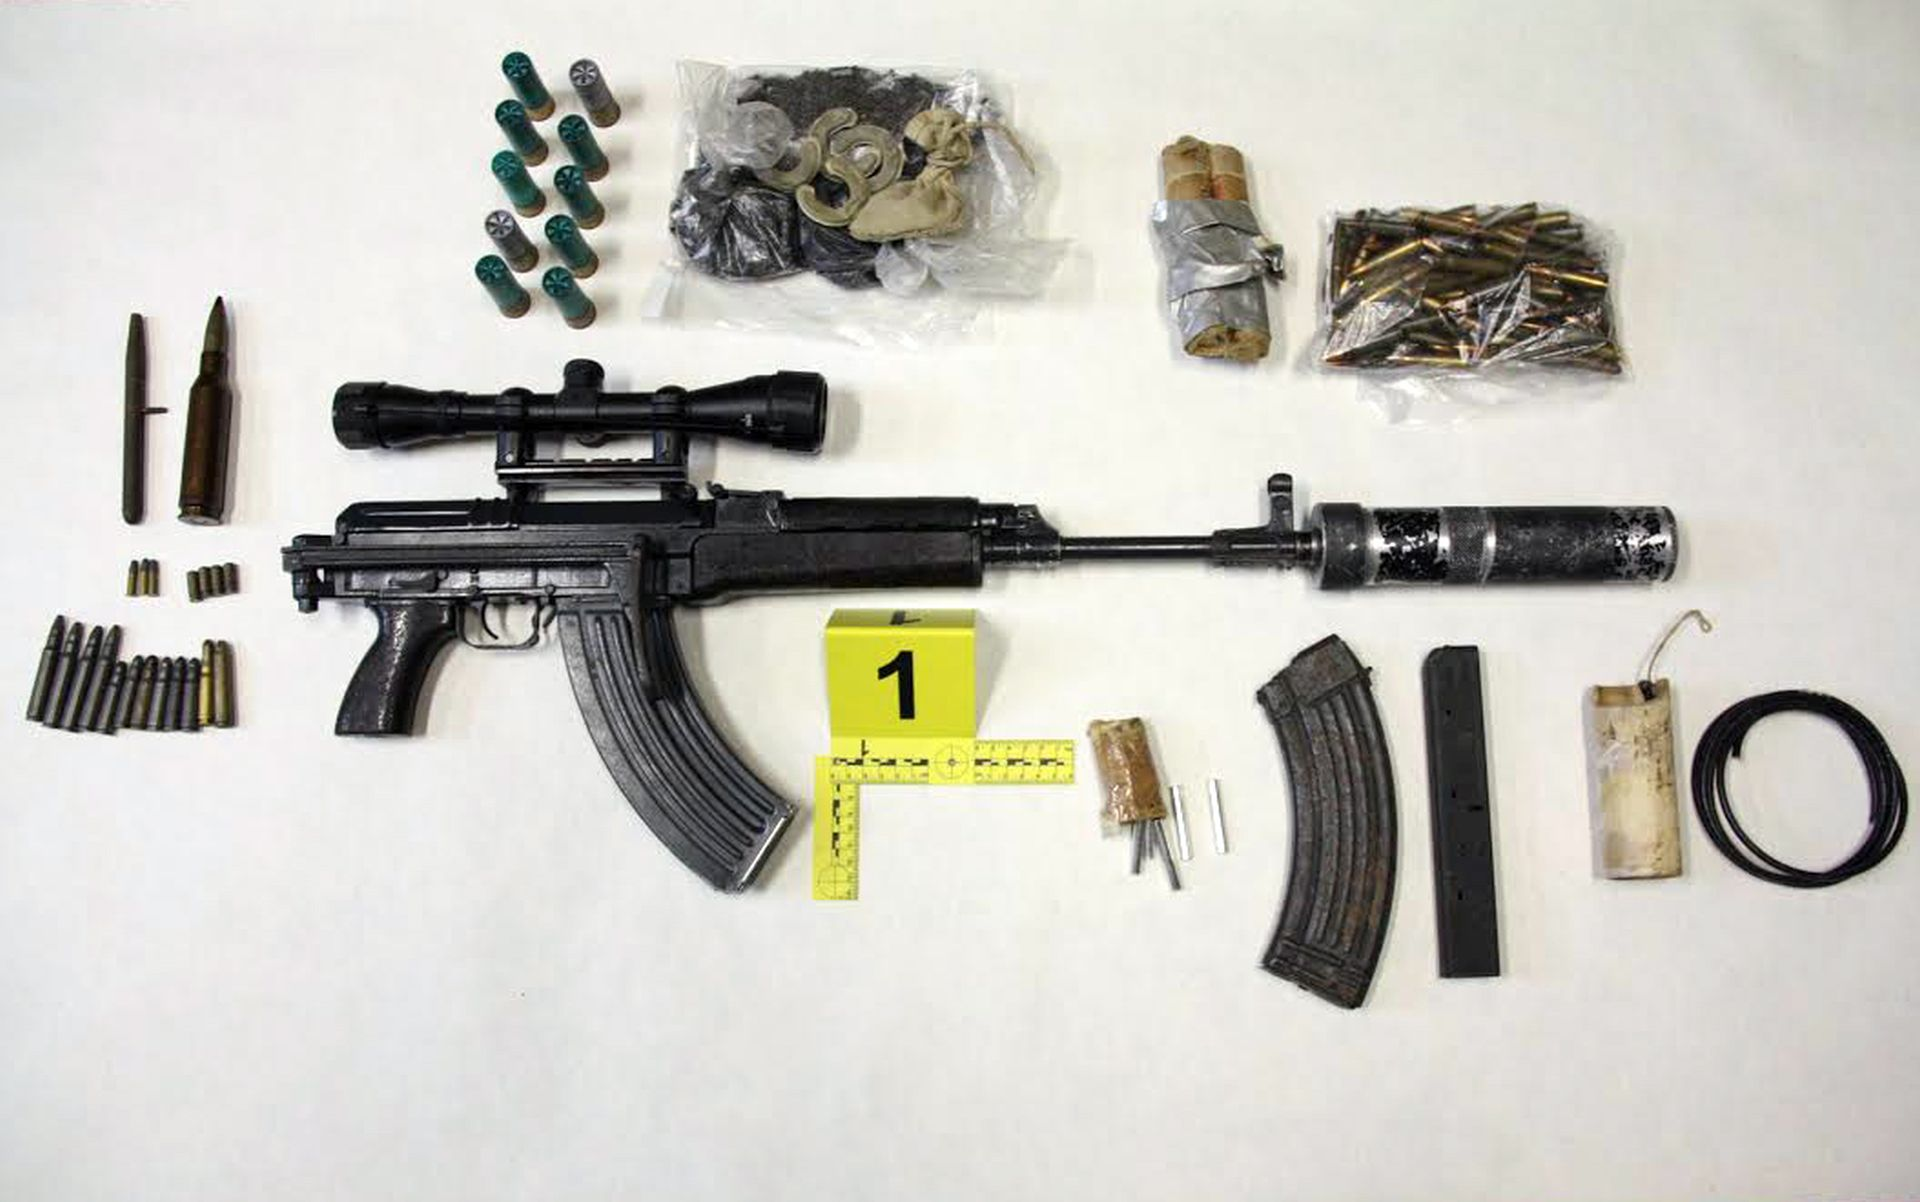 UHIĆEN 19-GODIŠNJAK: U stanu držao arsenal oružja i eksploziva